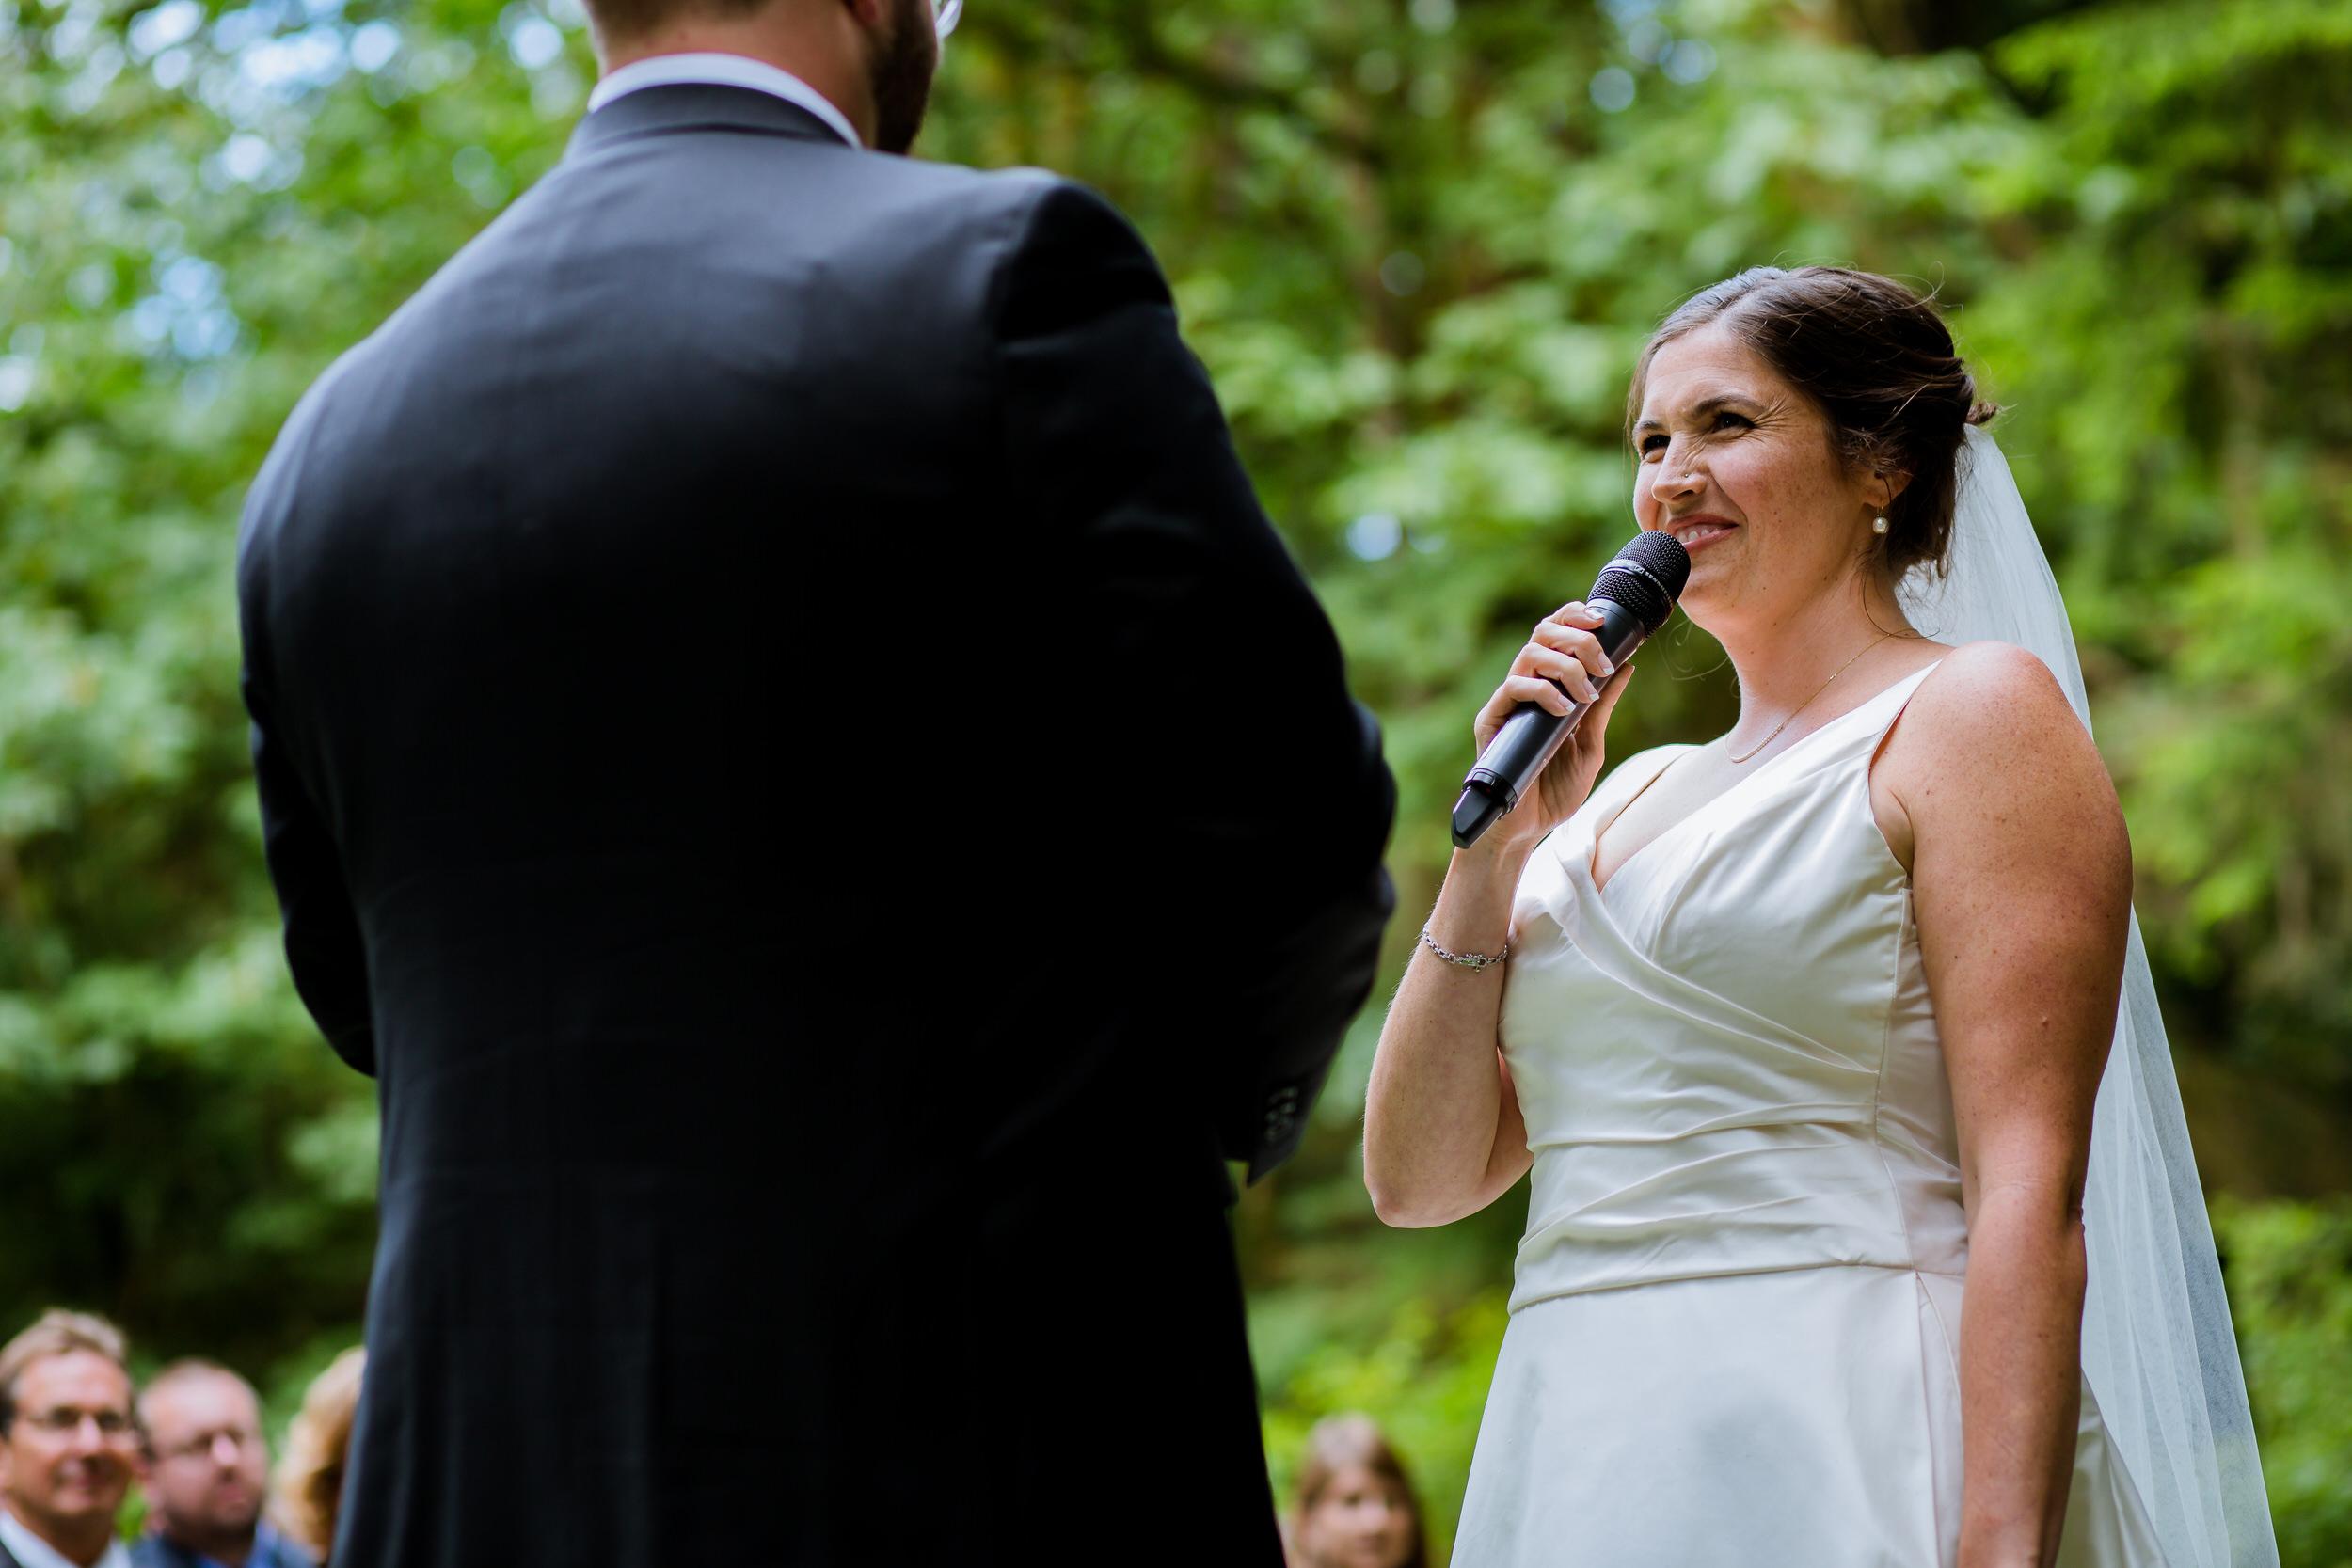 Islandwood_Retreat_Bambridge_Island_Washington_Wedding_023